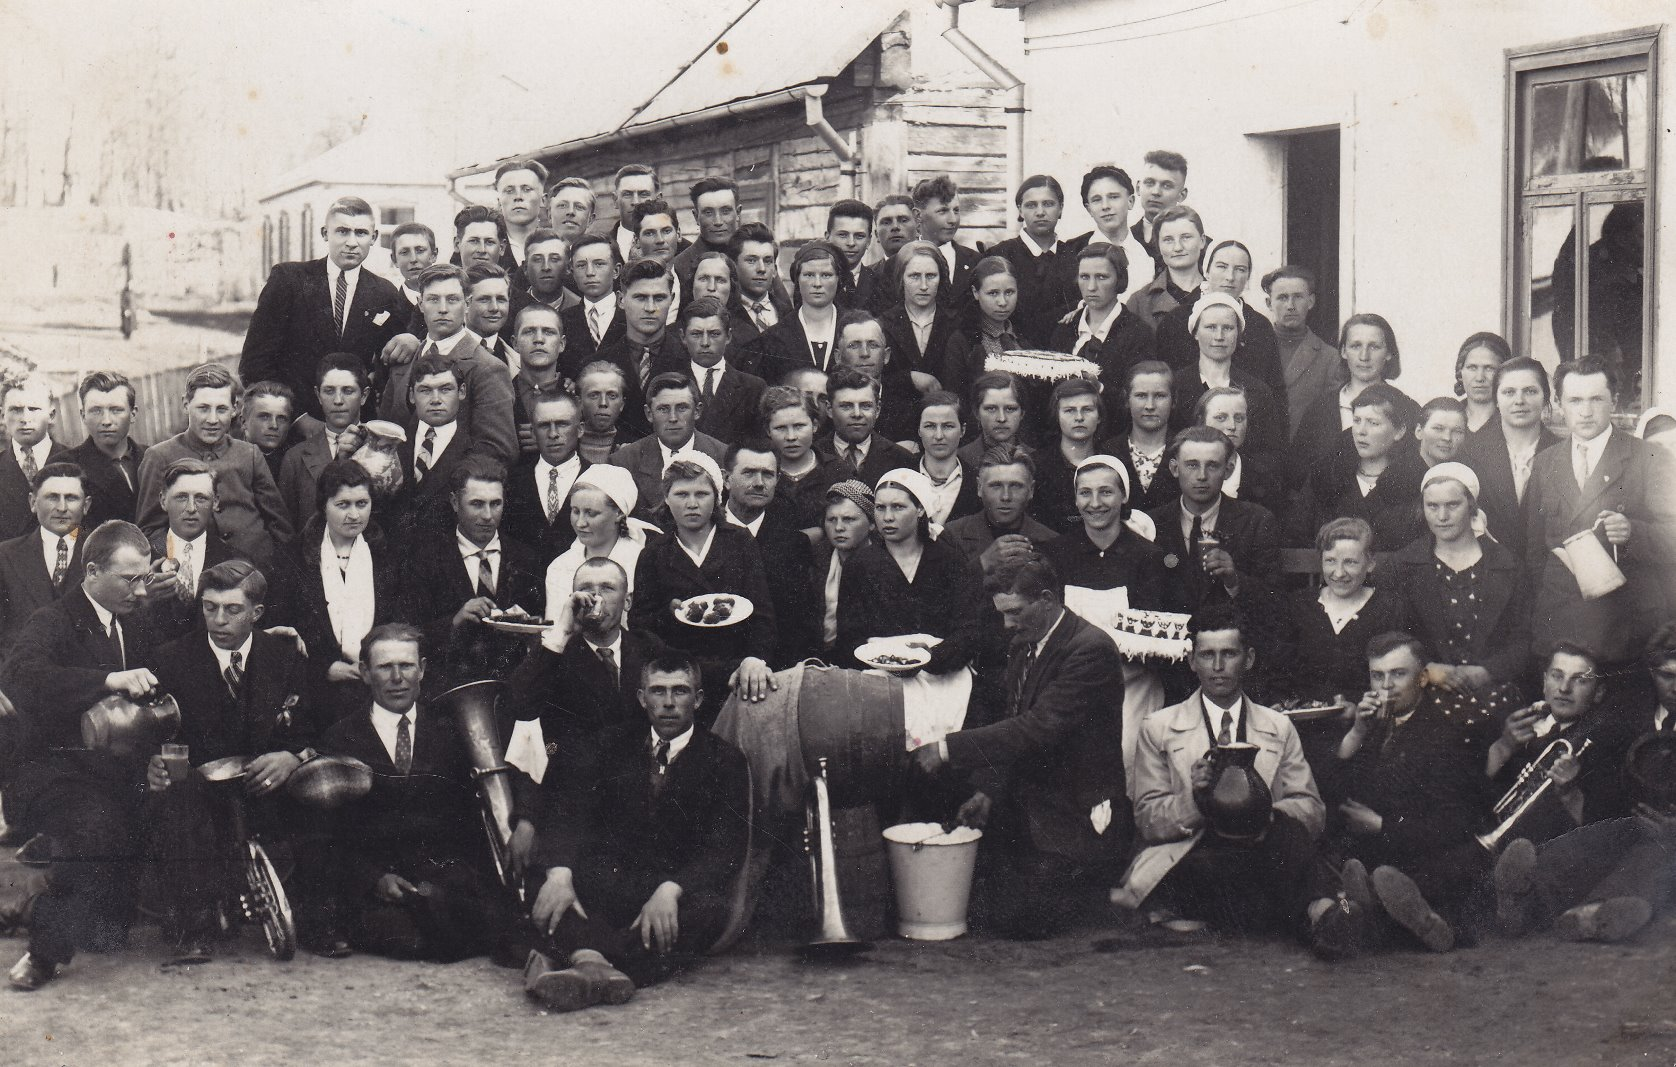 Prie žemesniosios kunigaikštienės Birutės žemės ūkio mokyklos Salamiestyje. 1933 m.  Joje mokėsi ir profesoriaus, agronomo Petro Vasinausko sesuo Anelė Sargevičienė (Vasinauskaitė)